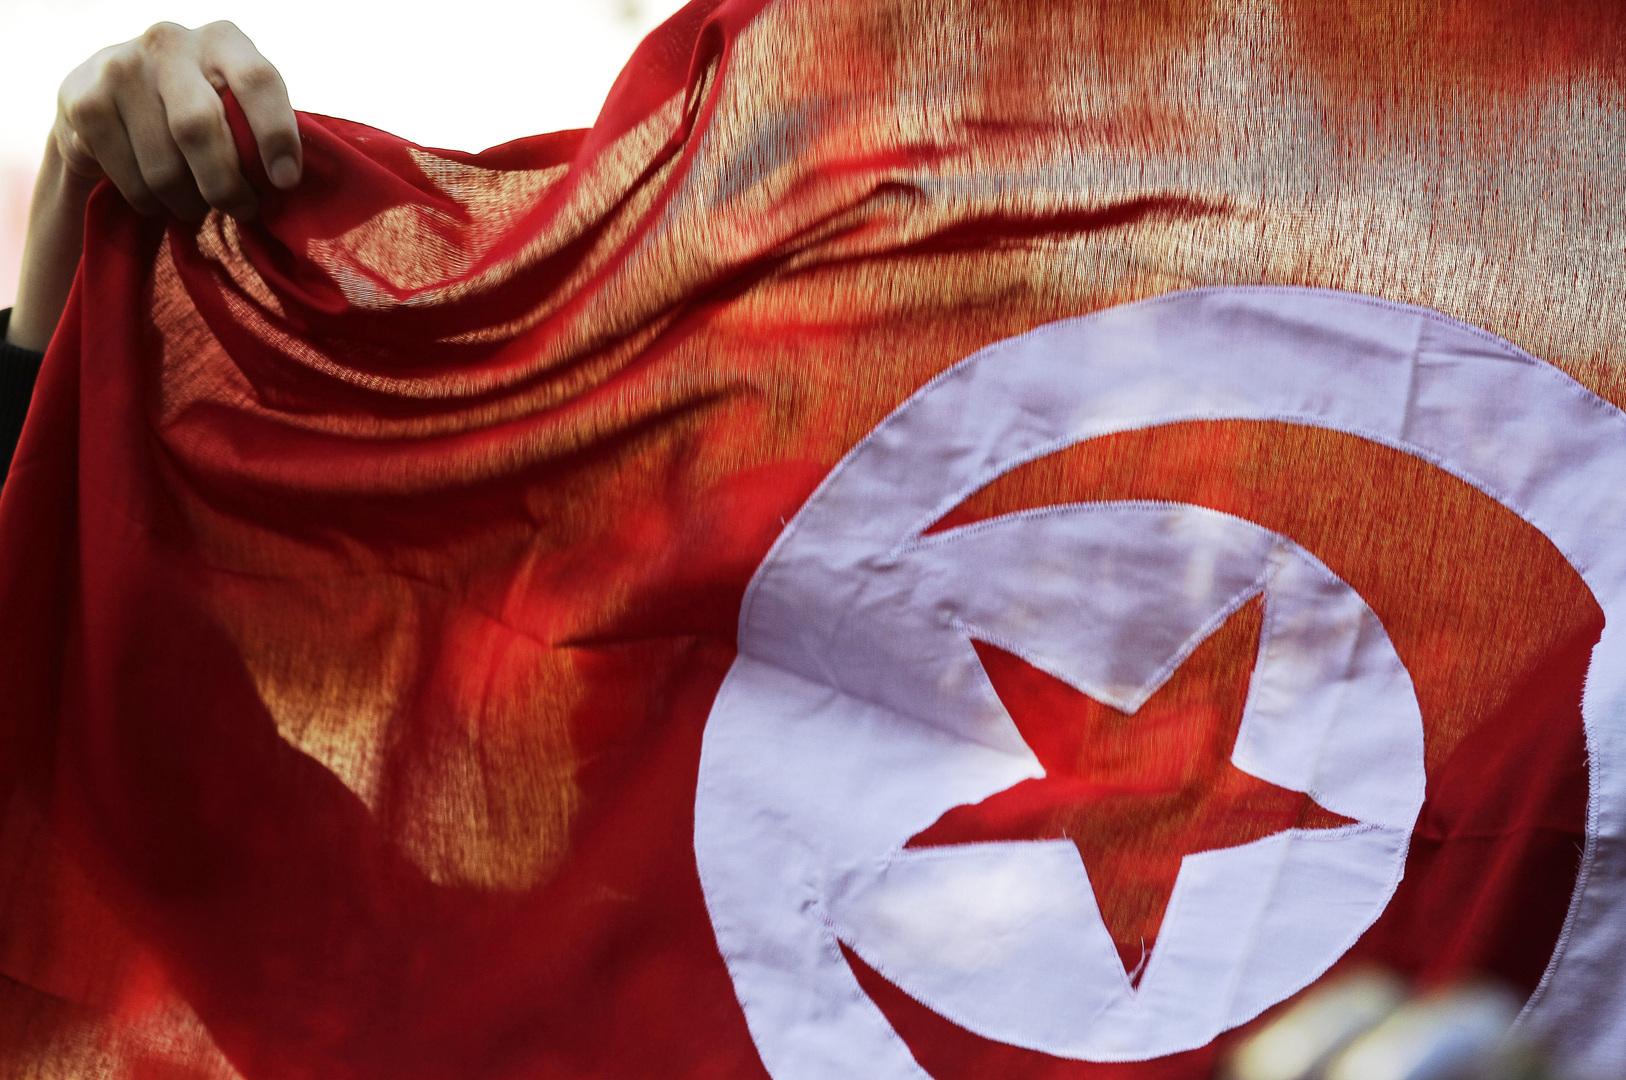 القضاء التونسي: تورط أكثر من 30 نائبا في قضايا شيكات بلا رصيد